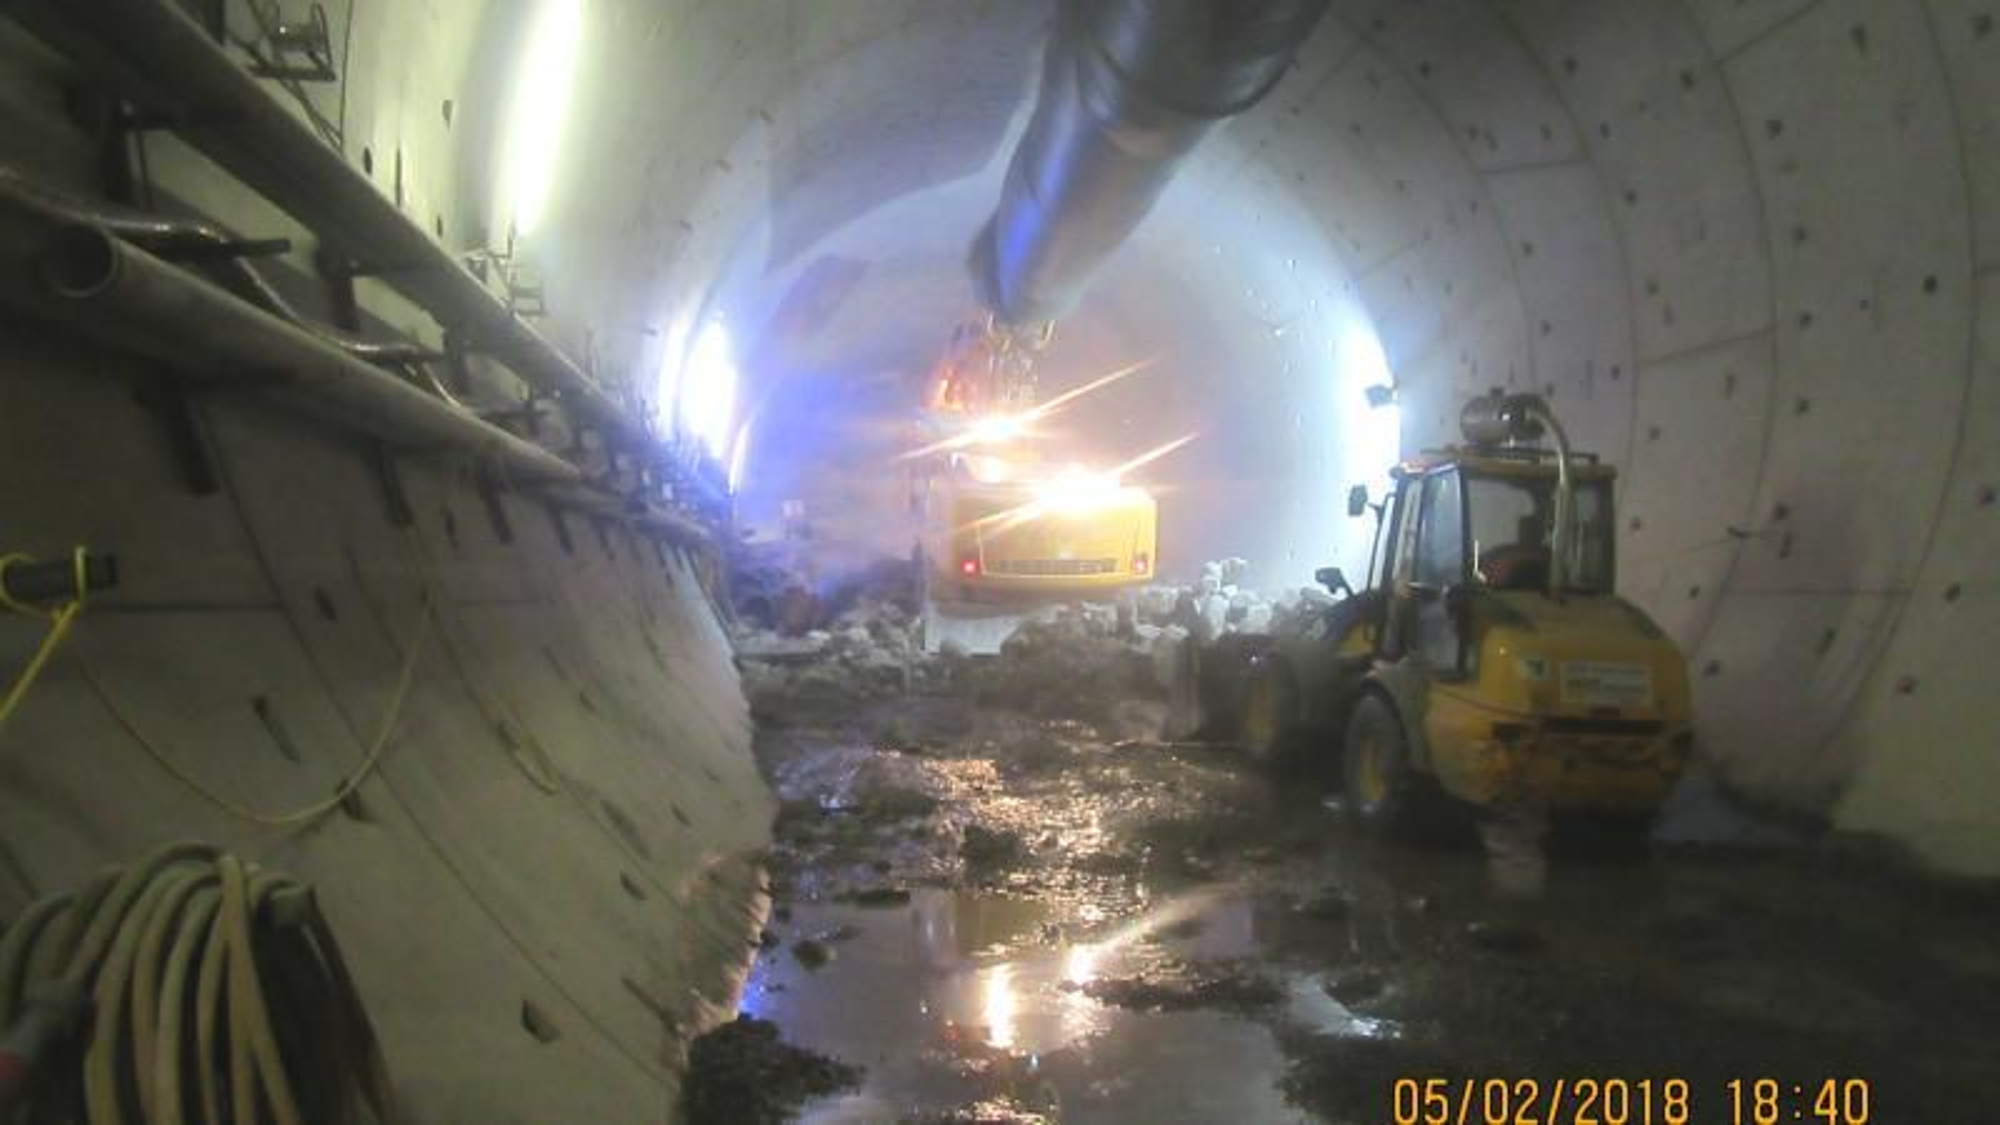 Entreprenøren har endelig nådd fram til den 10.500 m3 store og rundt 160 meter lange betongproppen  som oppstod etter uhellet i august i fjor.